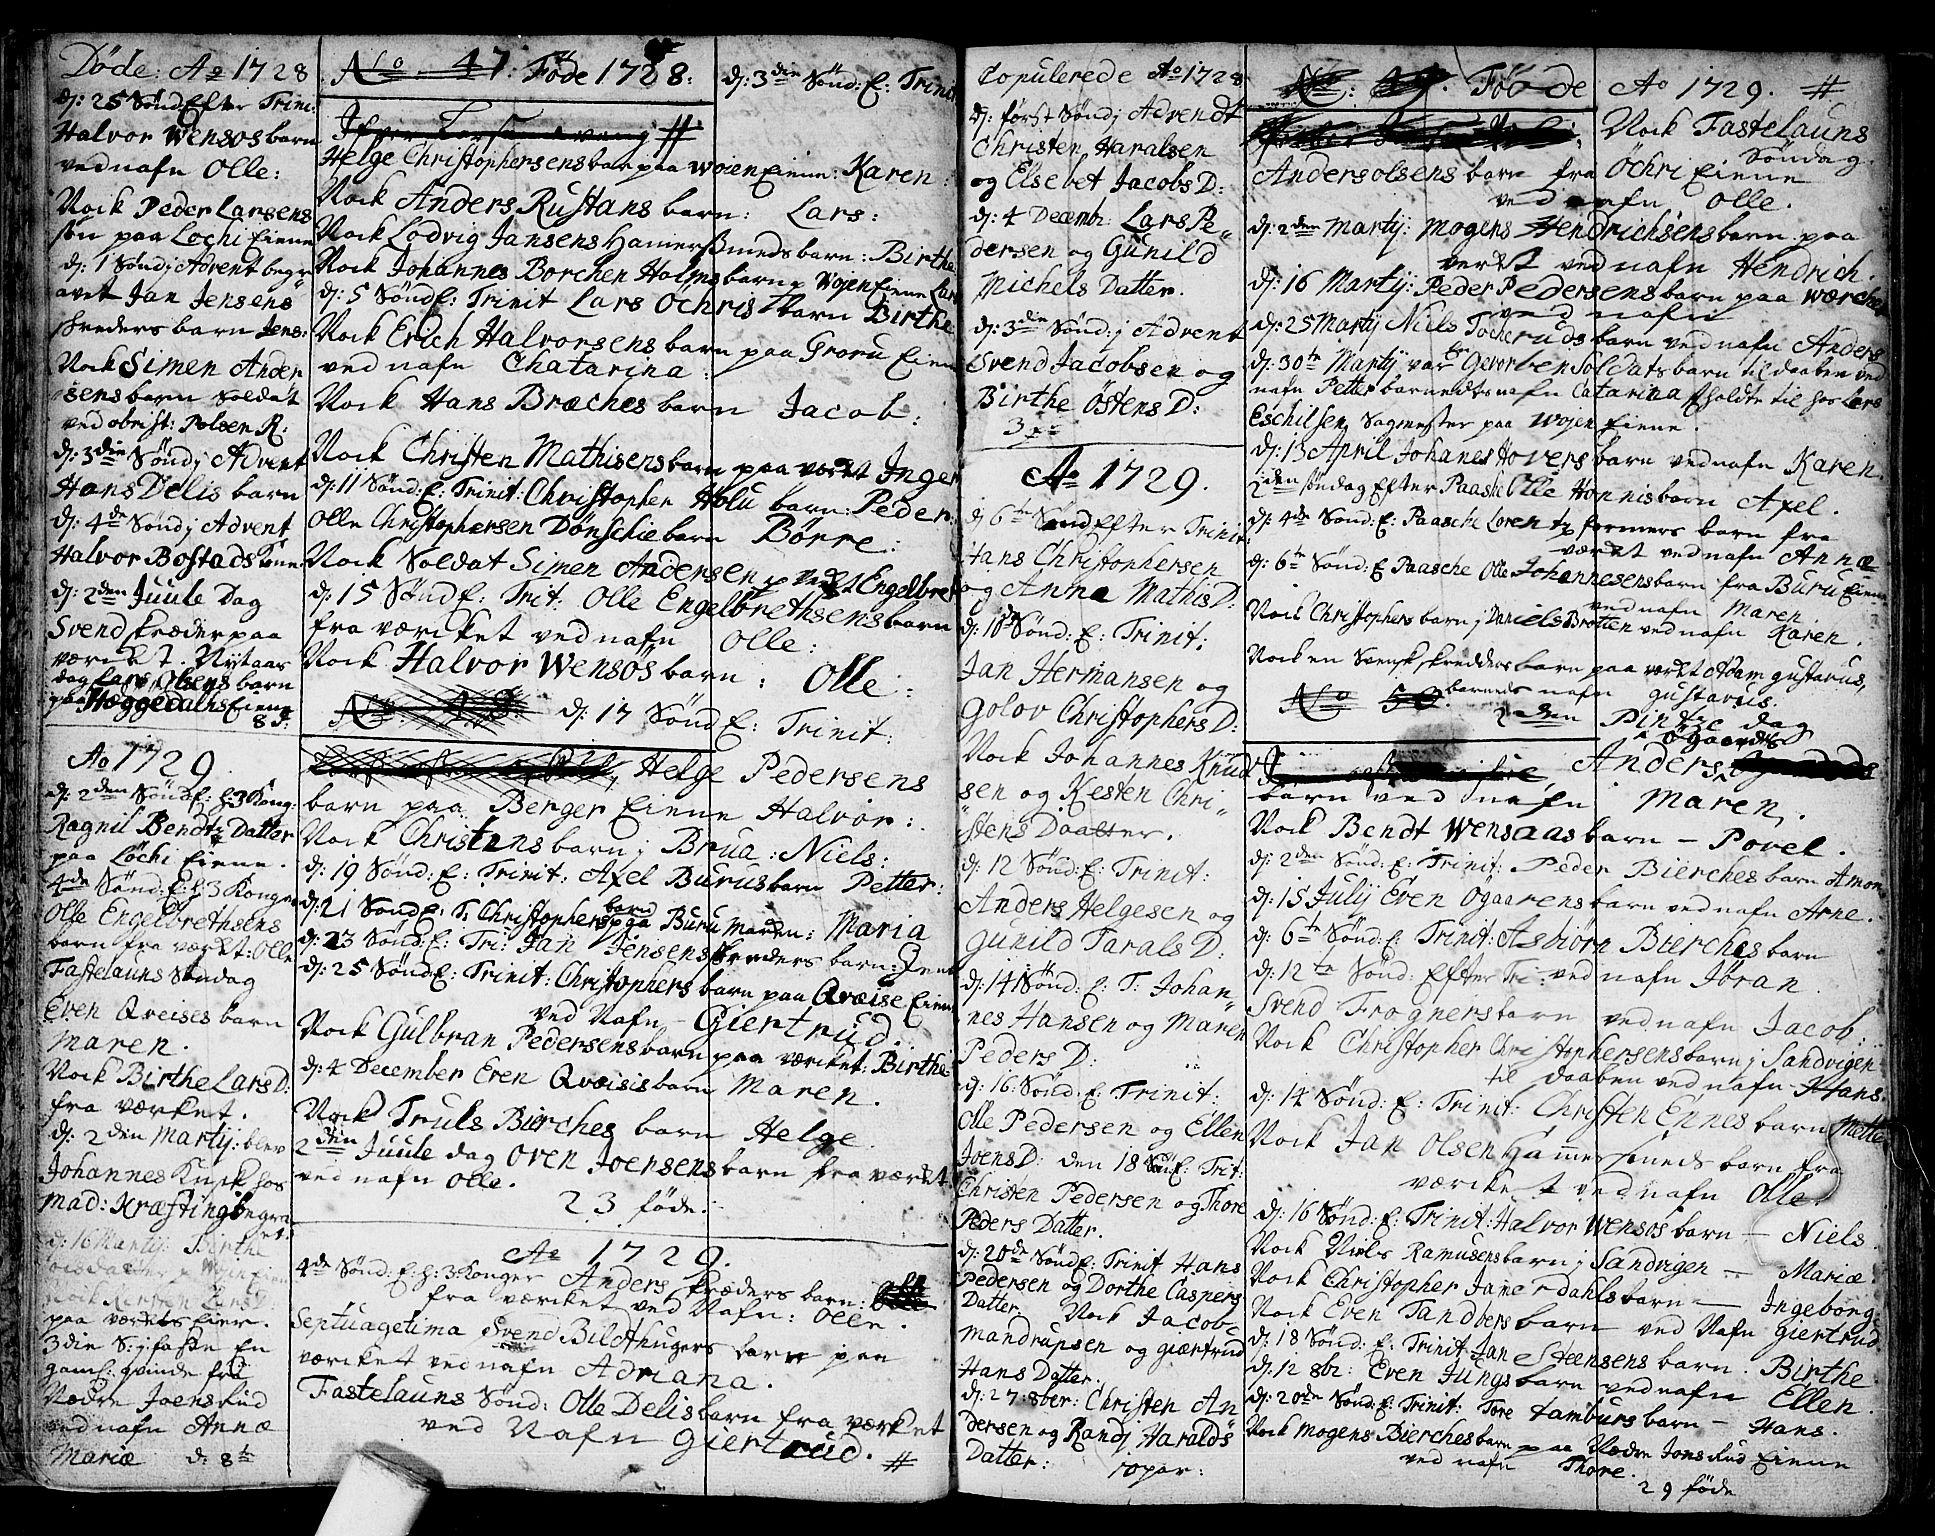 SAO, Asker prestekontor Kirkebøker, F/Fa/L0001: Ministerialbok nr. I 1, 1726-1744, s. 15